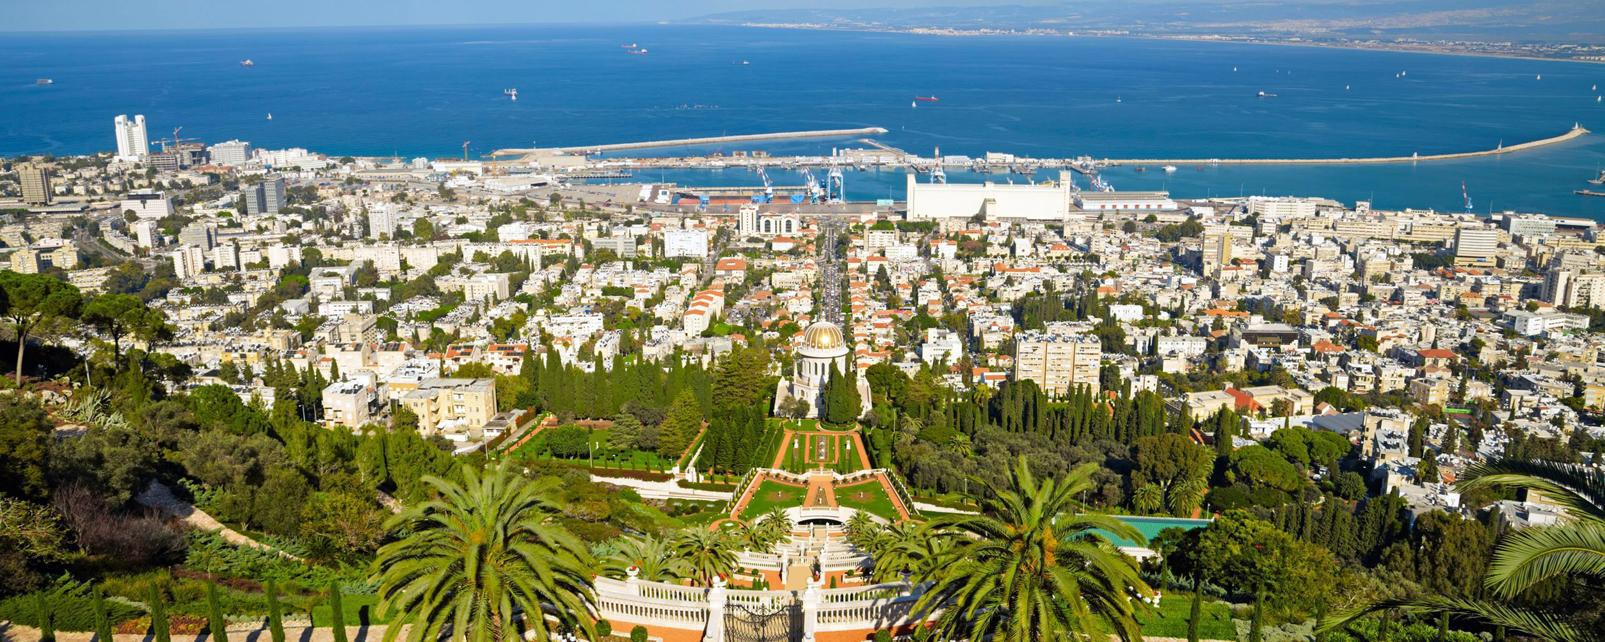 Экскурсионные туры в Израиль 2017  DSBW